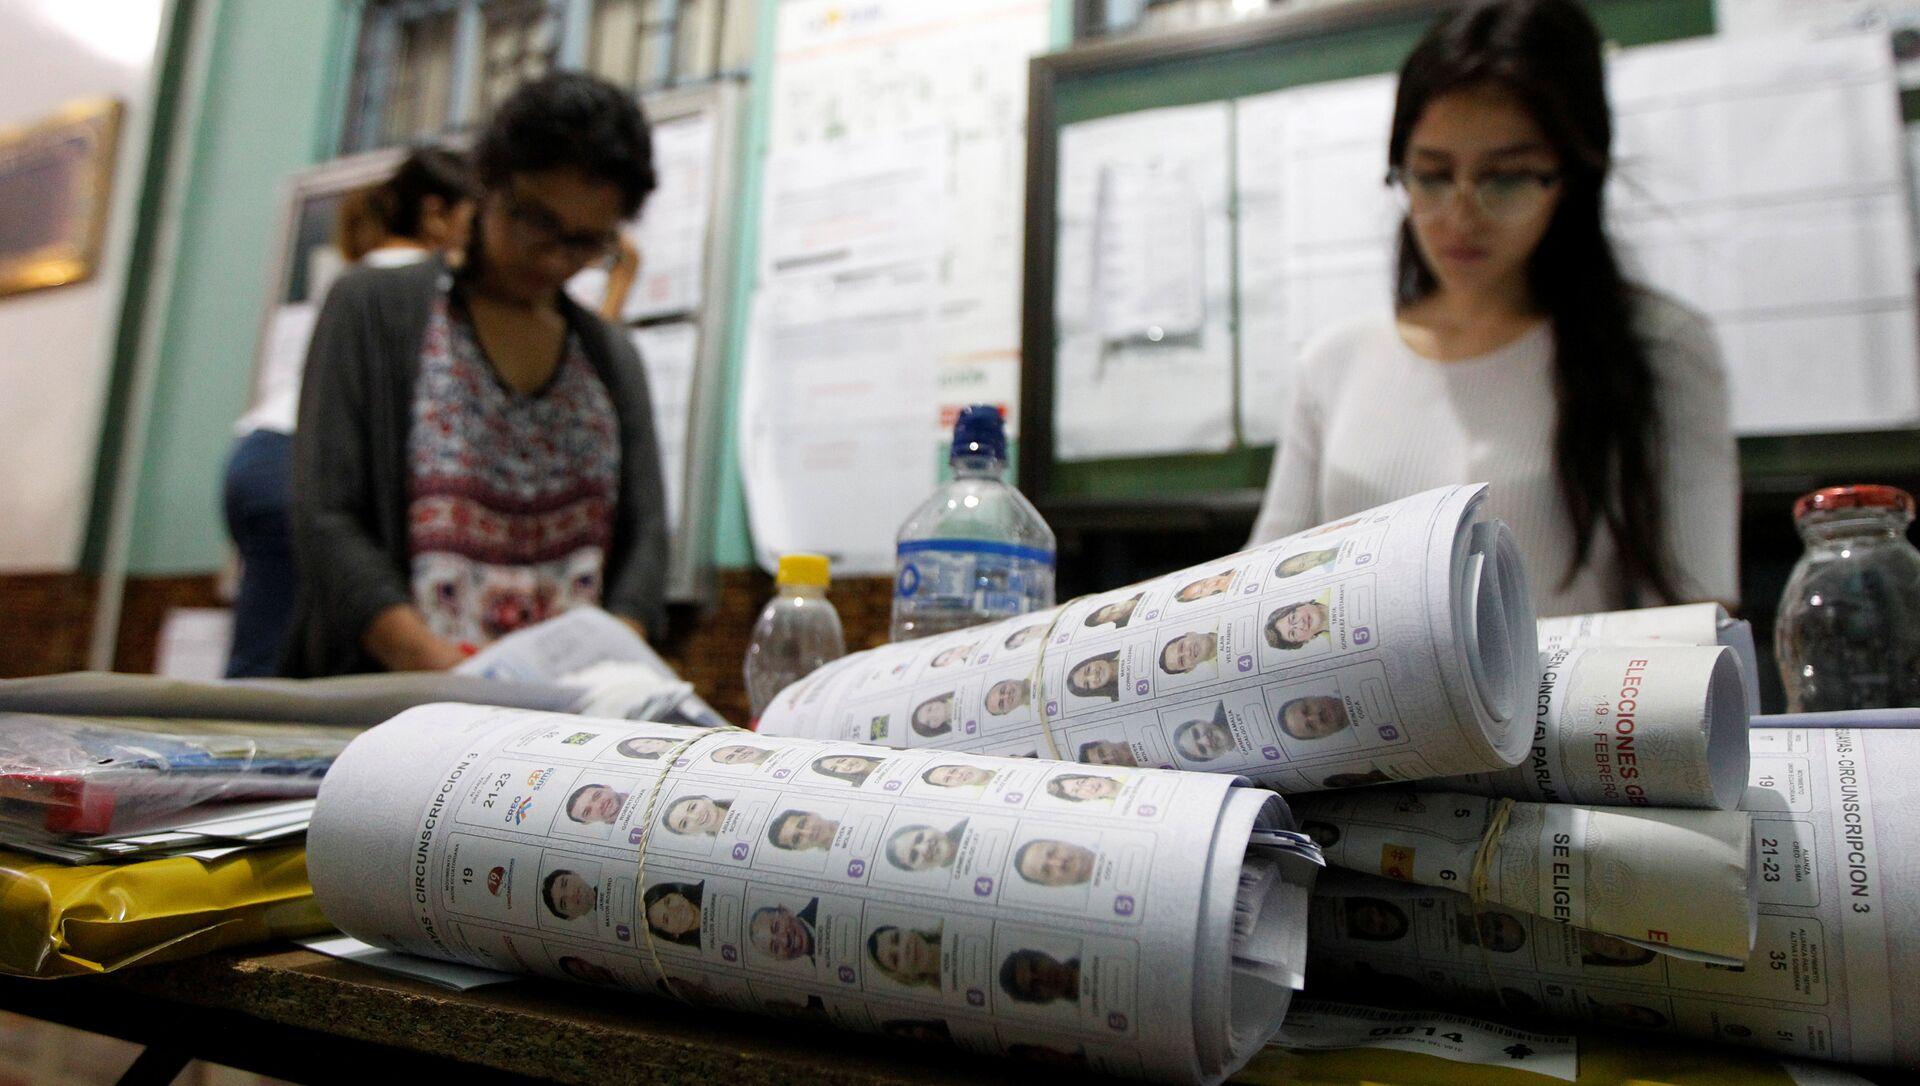 Elezioni in Ecuador, immagini di repertorio - Sputnik Italia, 1920, 07.02.2021